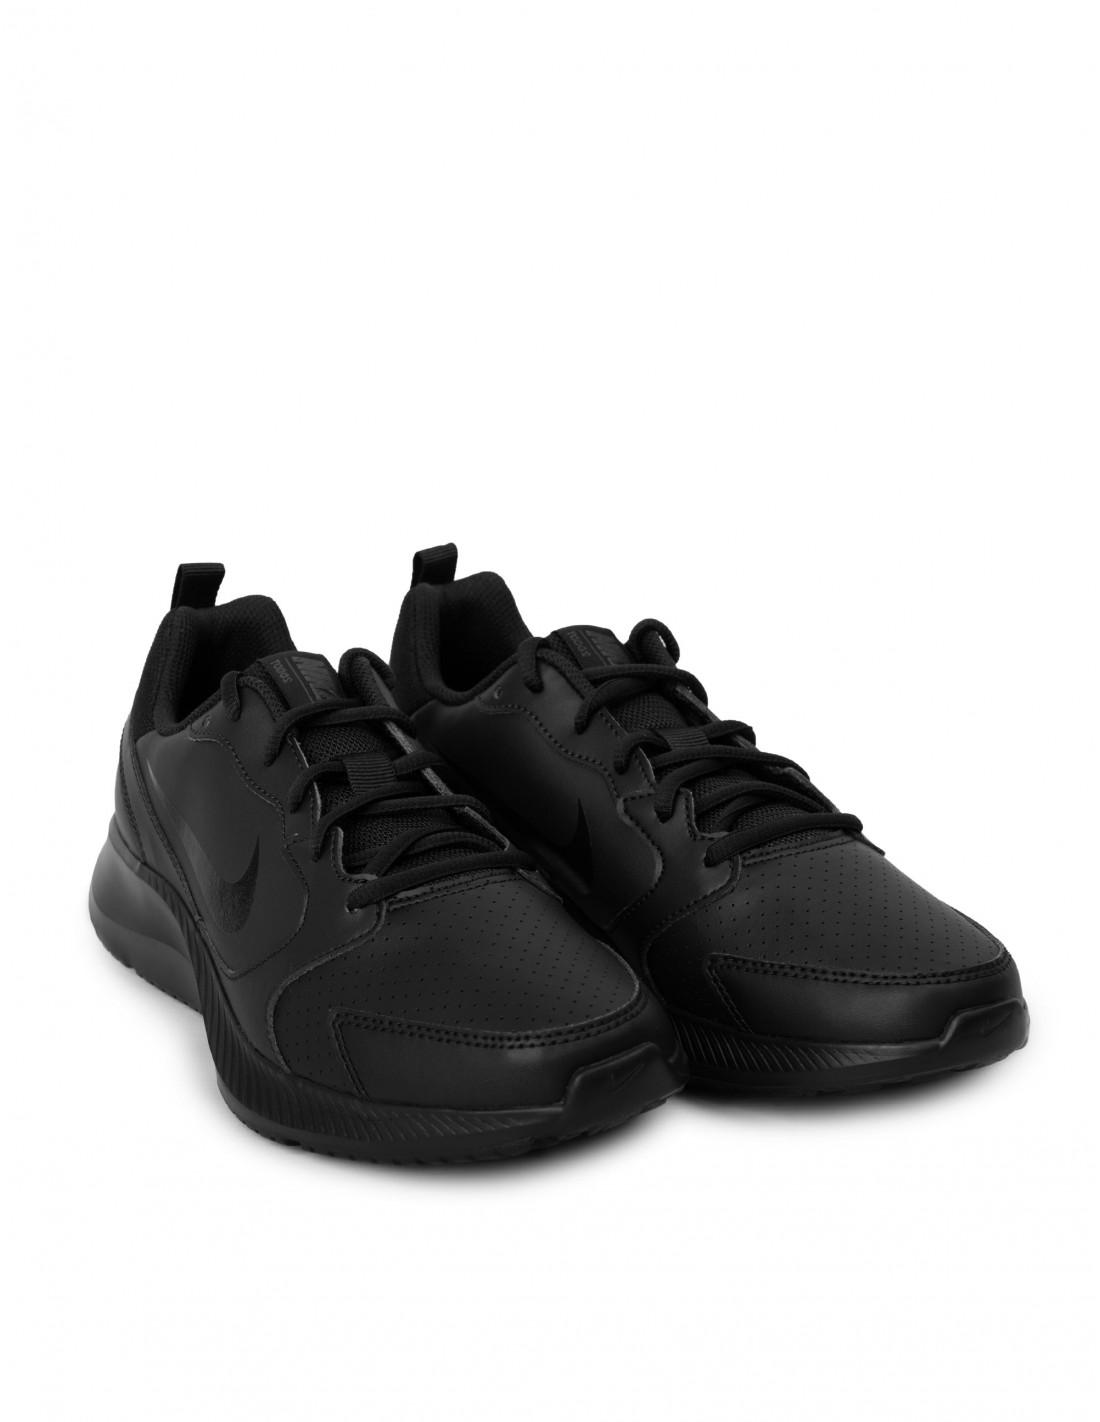 nike zapatos hombre negras